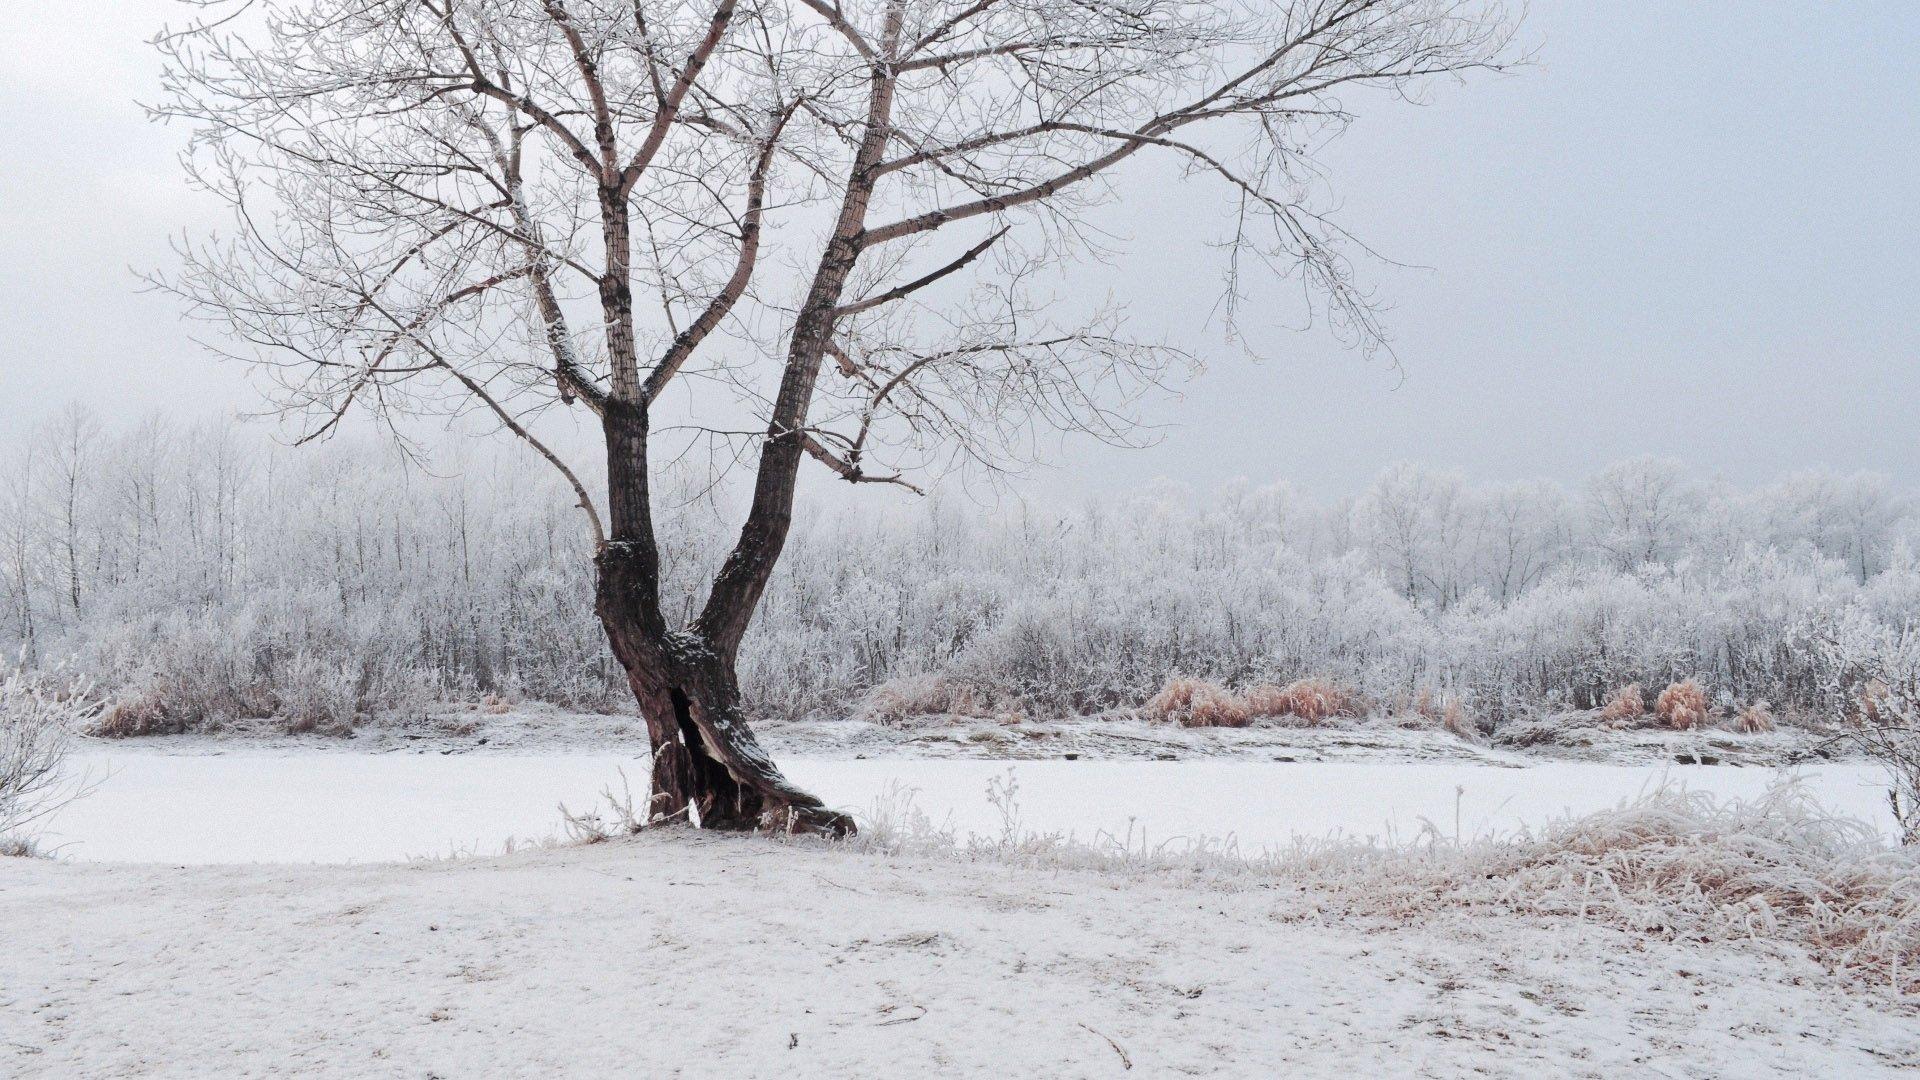 Winter Love Wallpaper - WallpaperSafari